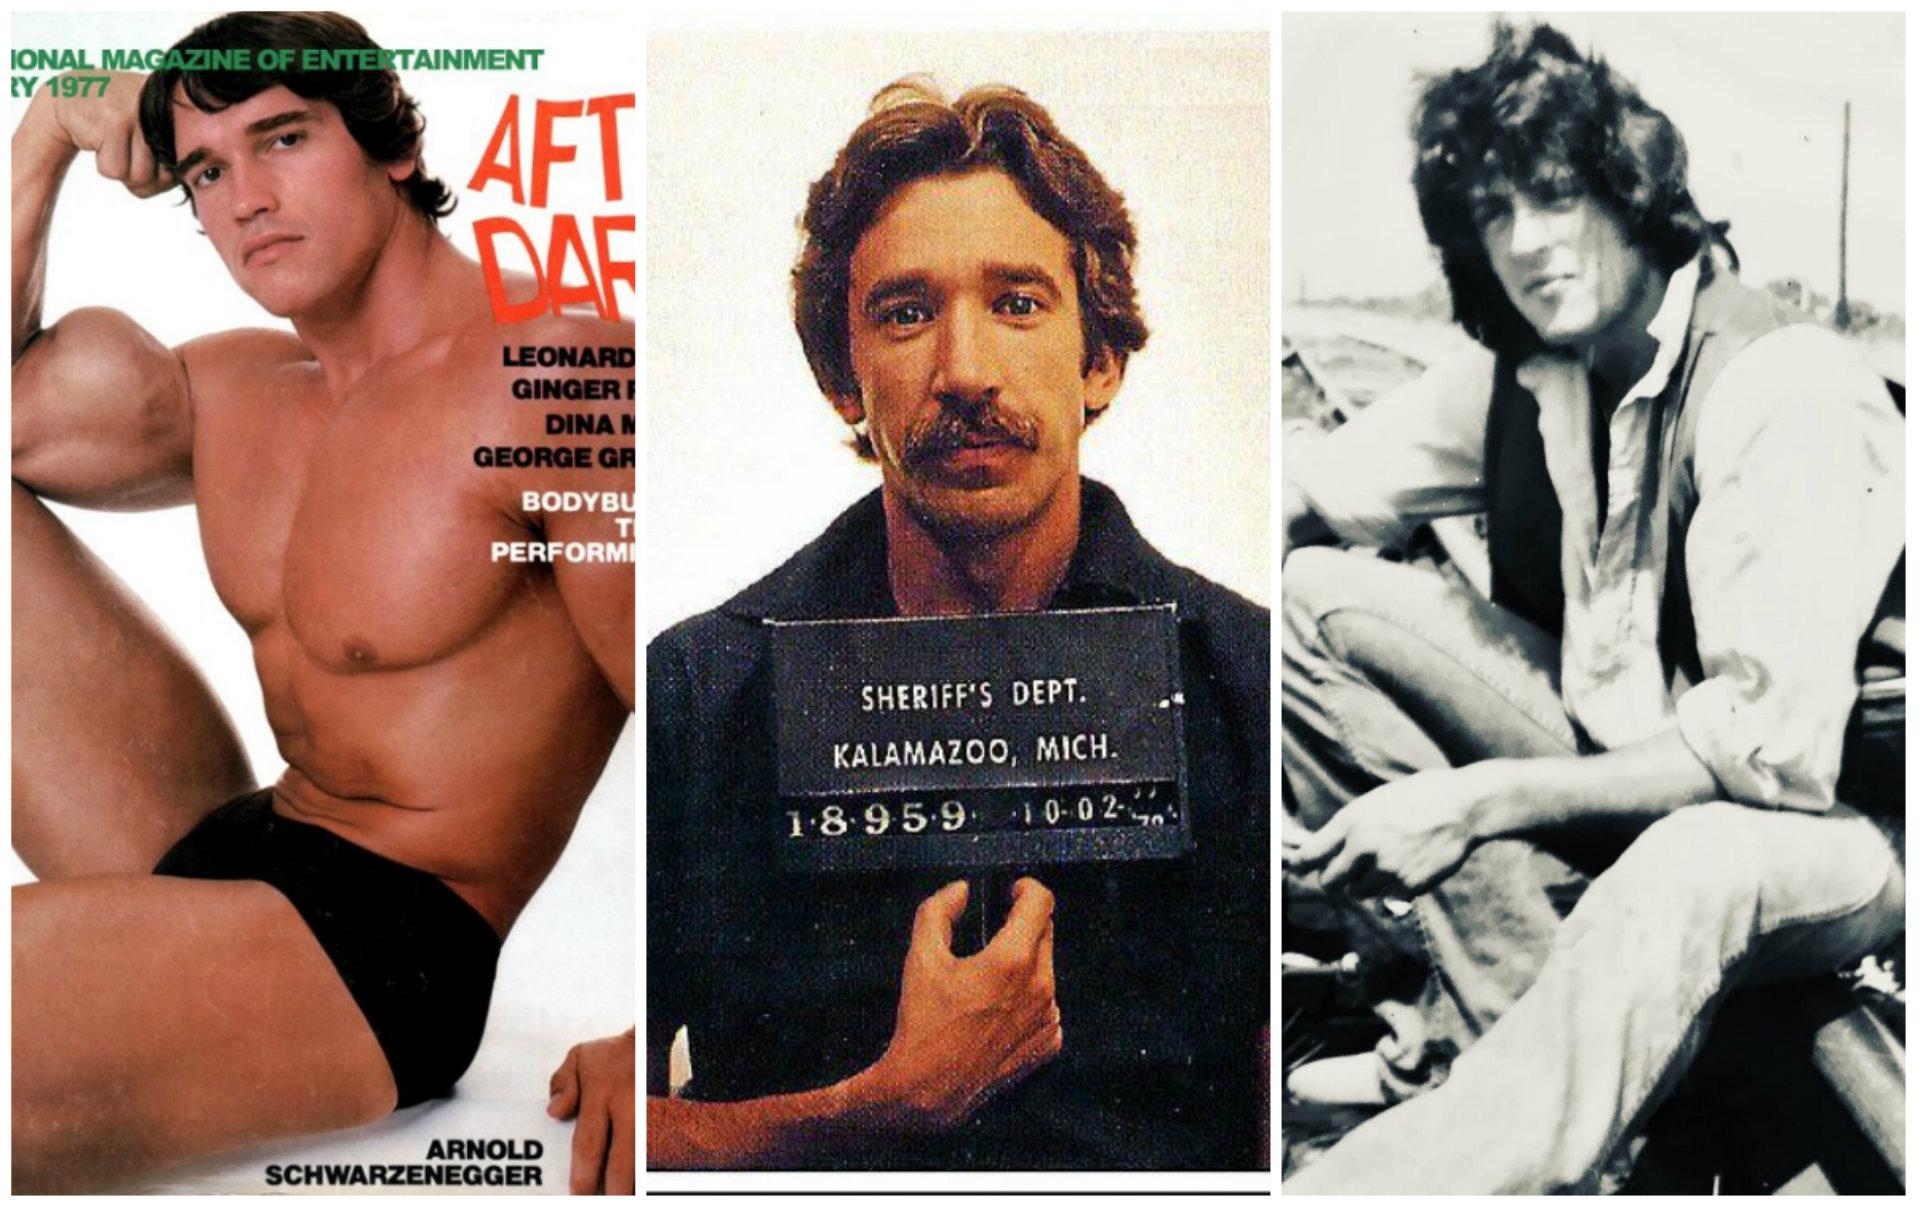 Artistas Del Porno Gay desnudos, drogas y cine porno: el increíble pasado de